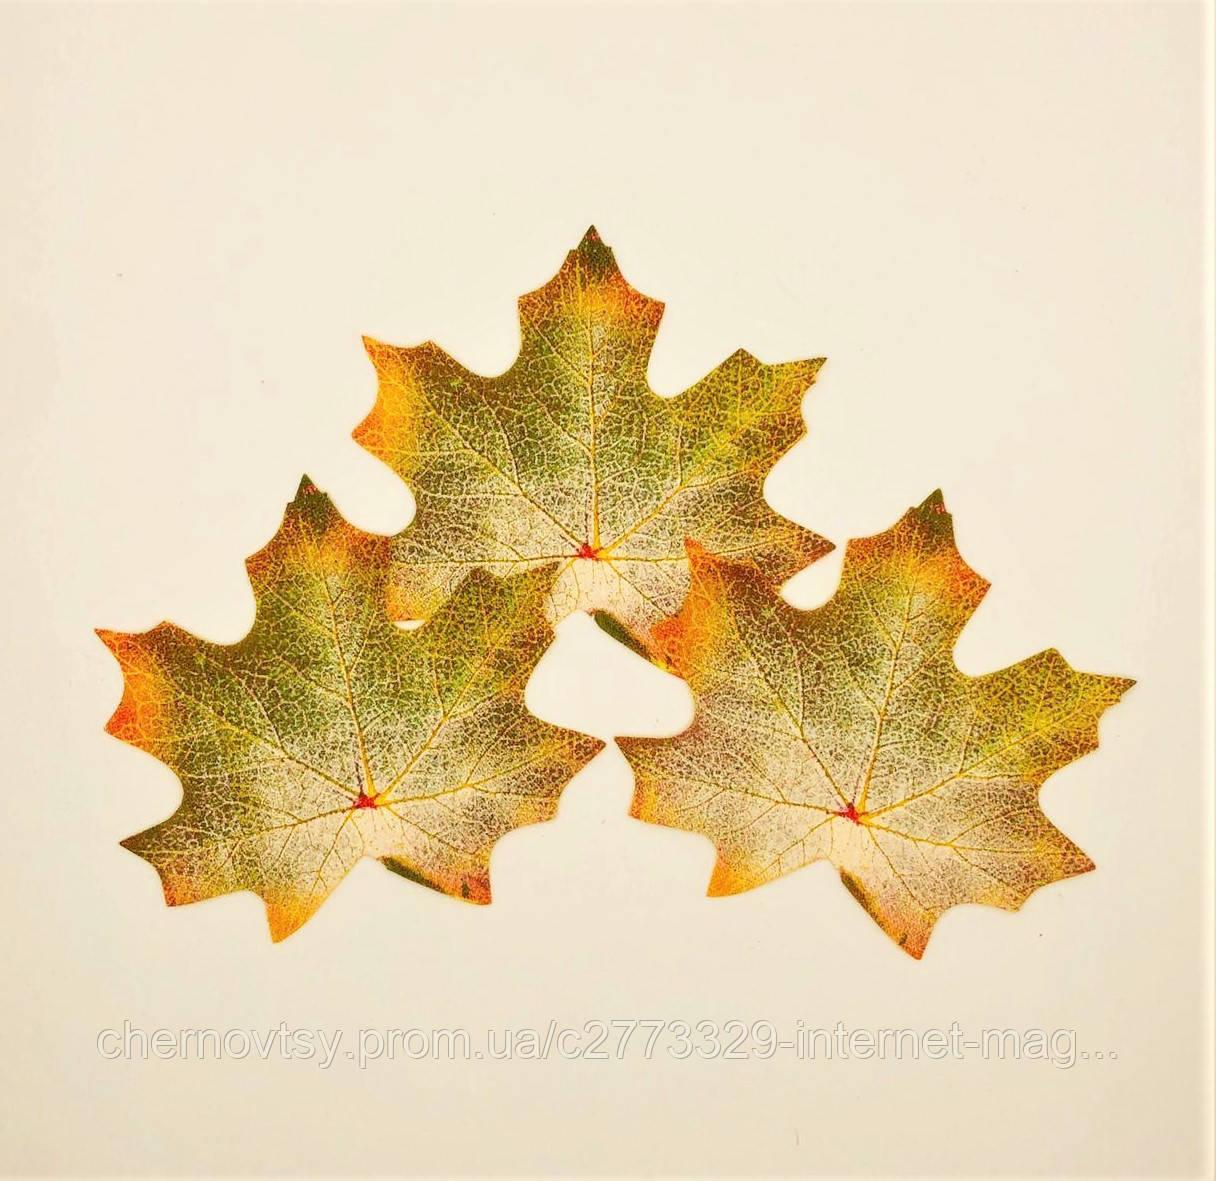 Листья клена, осенние упаковка 50 шт, тканевые, зелено-желтые 9х11.5 см, №713